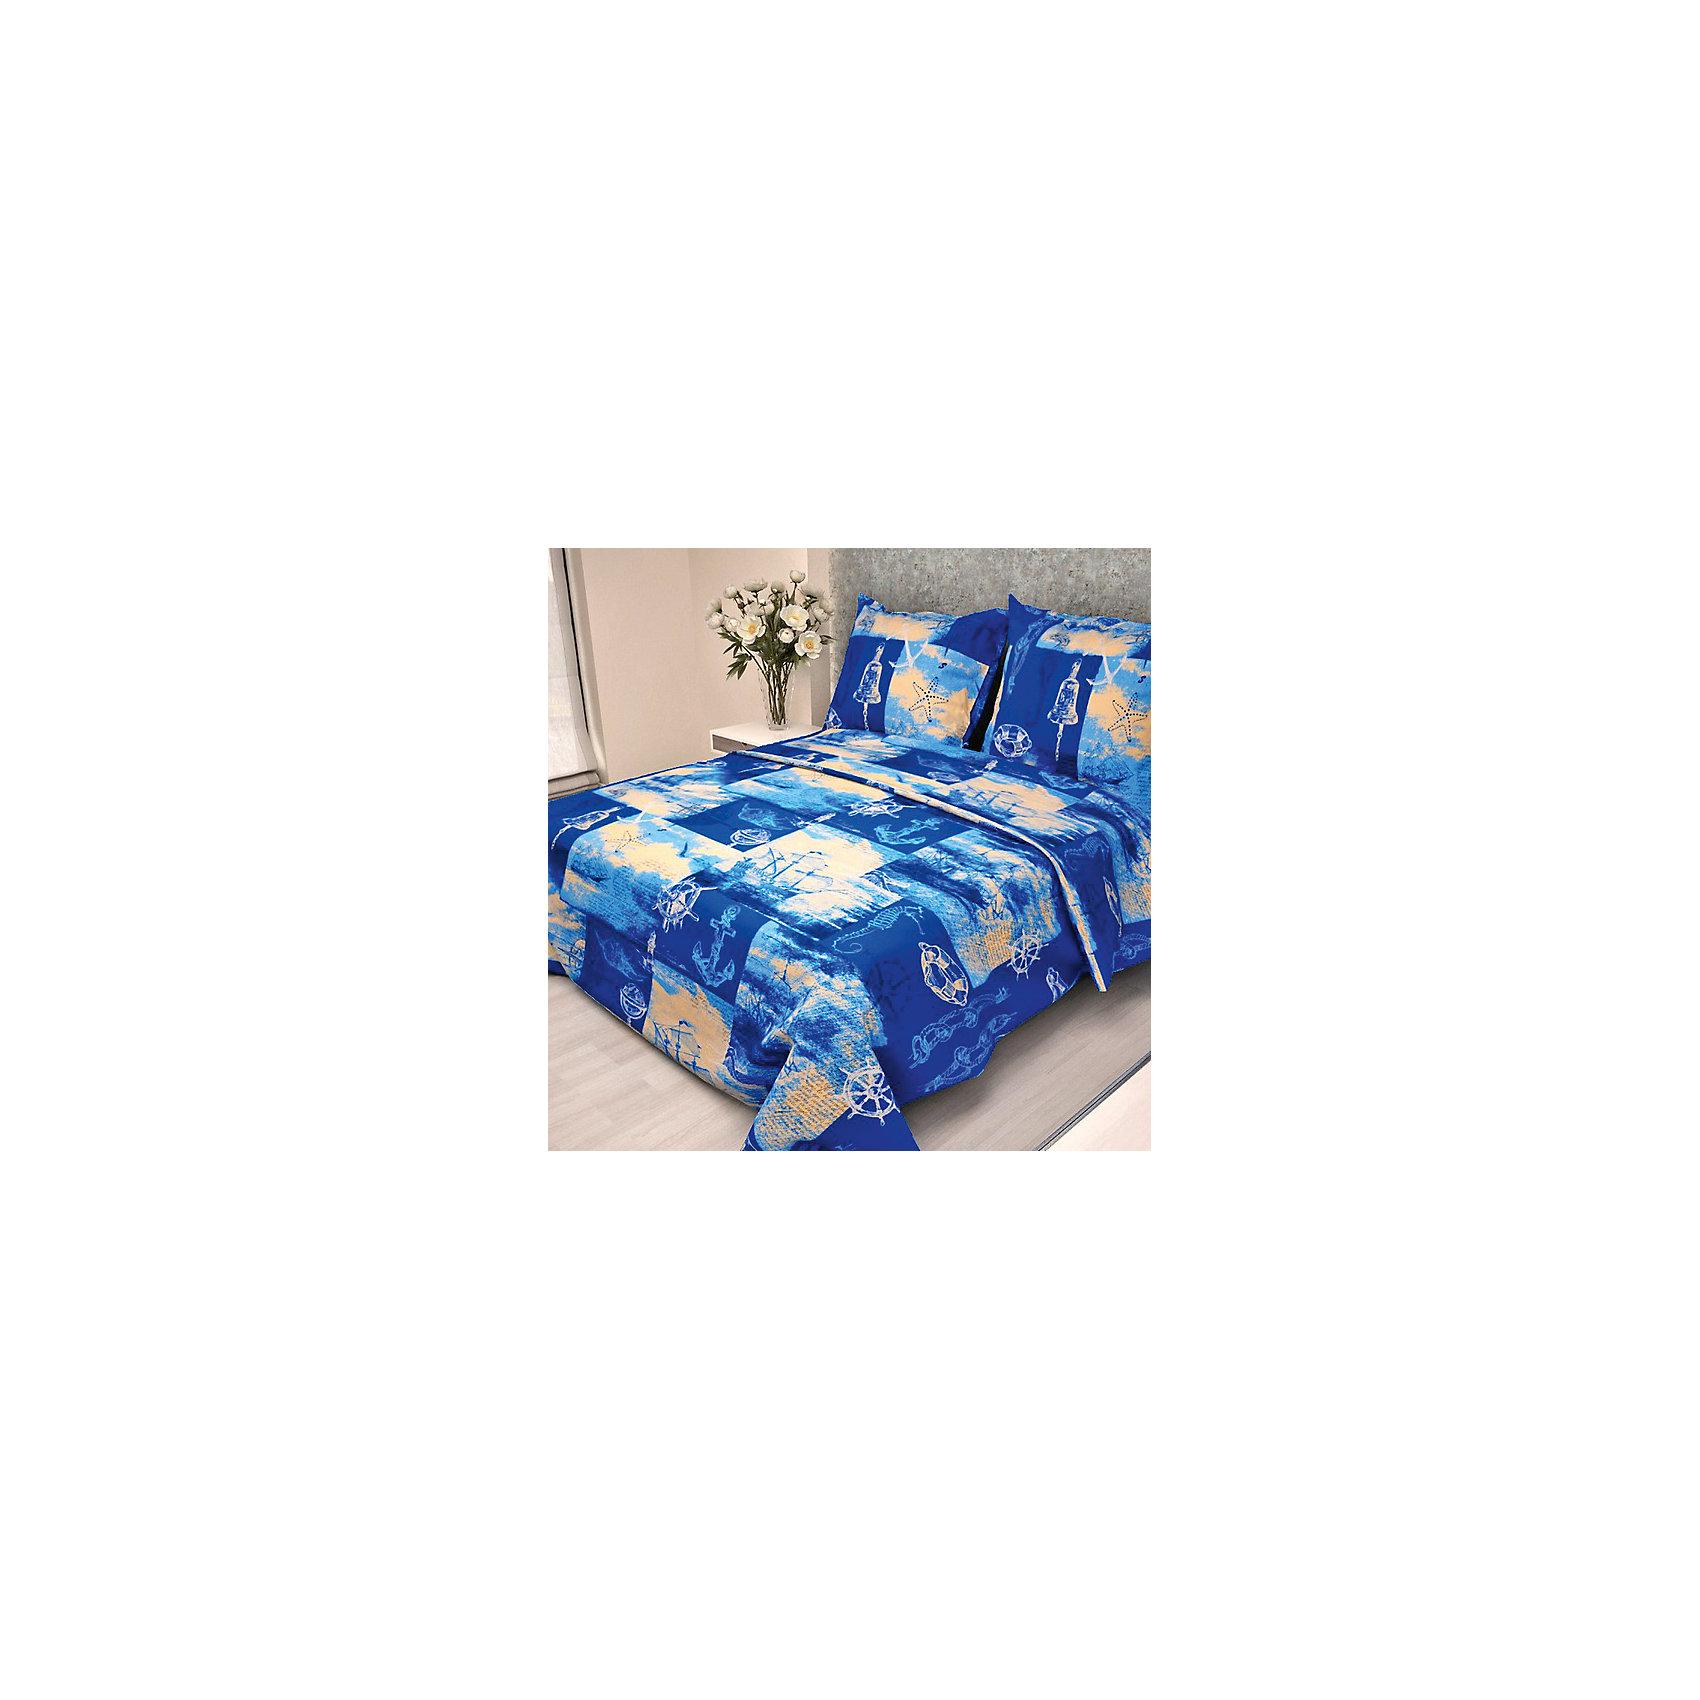 Letto Постельное белье Кораблик,(50х70), Letto постельное белье из бамбука турция в интернет магазинах минска